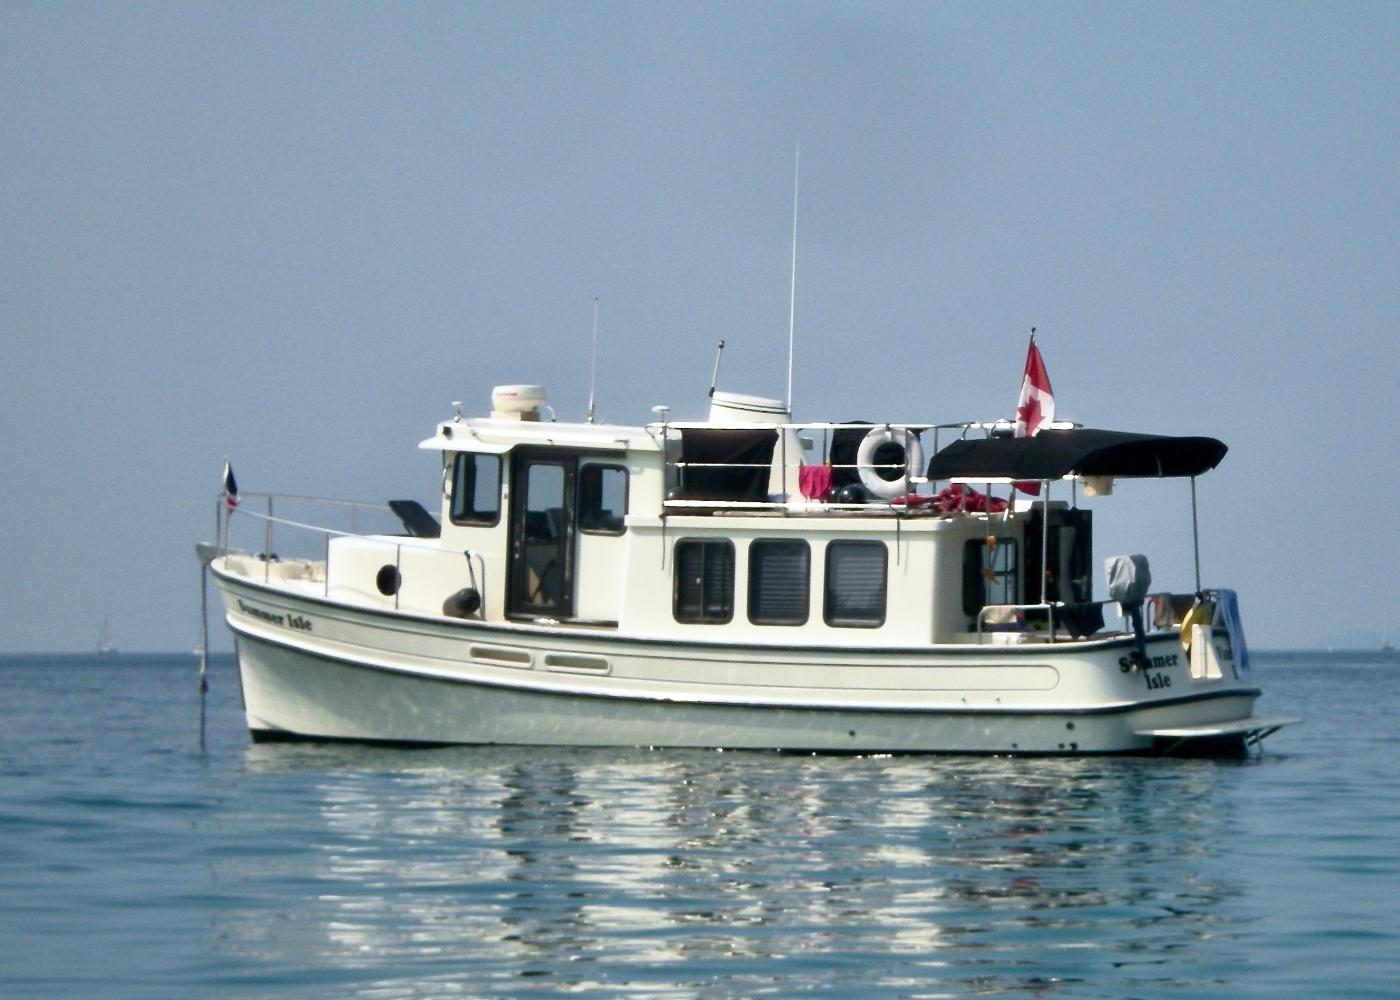 2001 Nordic Tugs 32 Pilothouse, St. Tropez, France